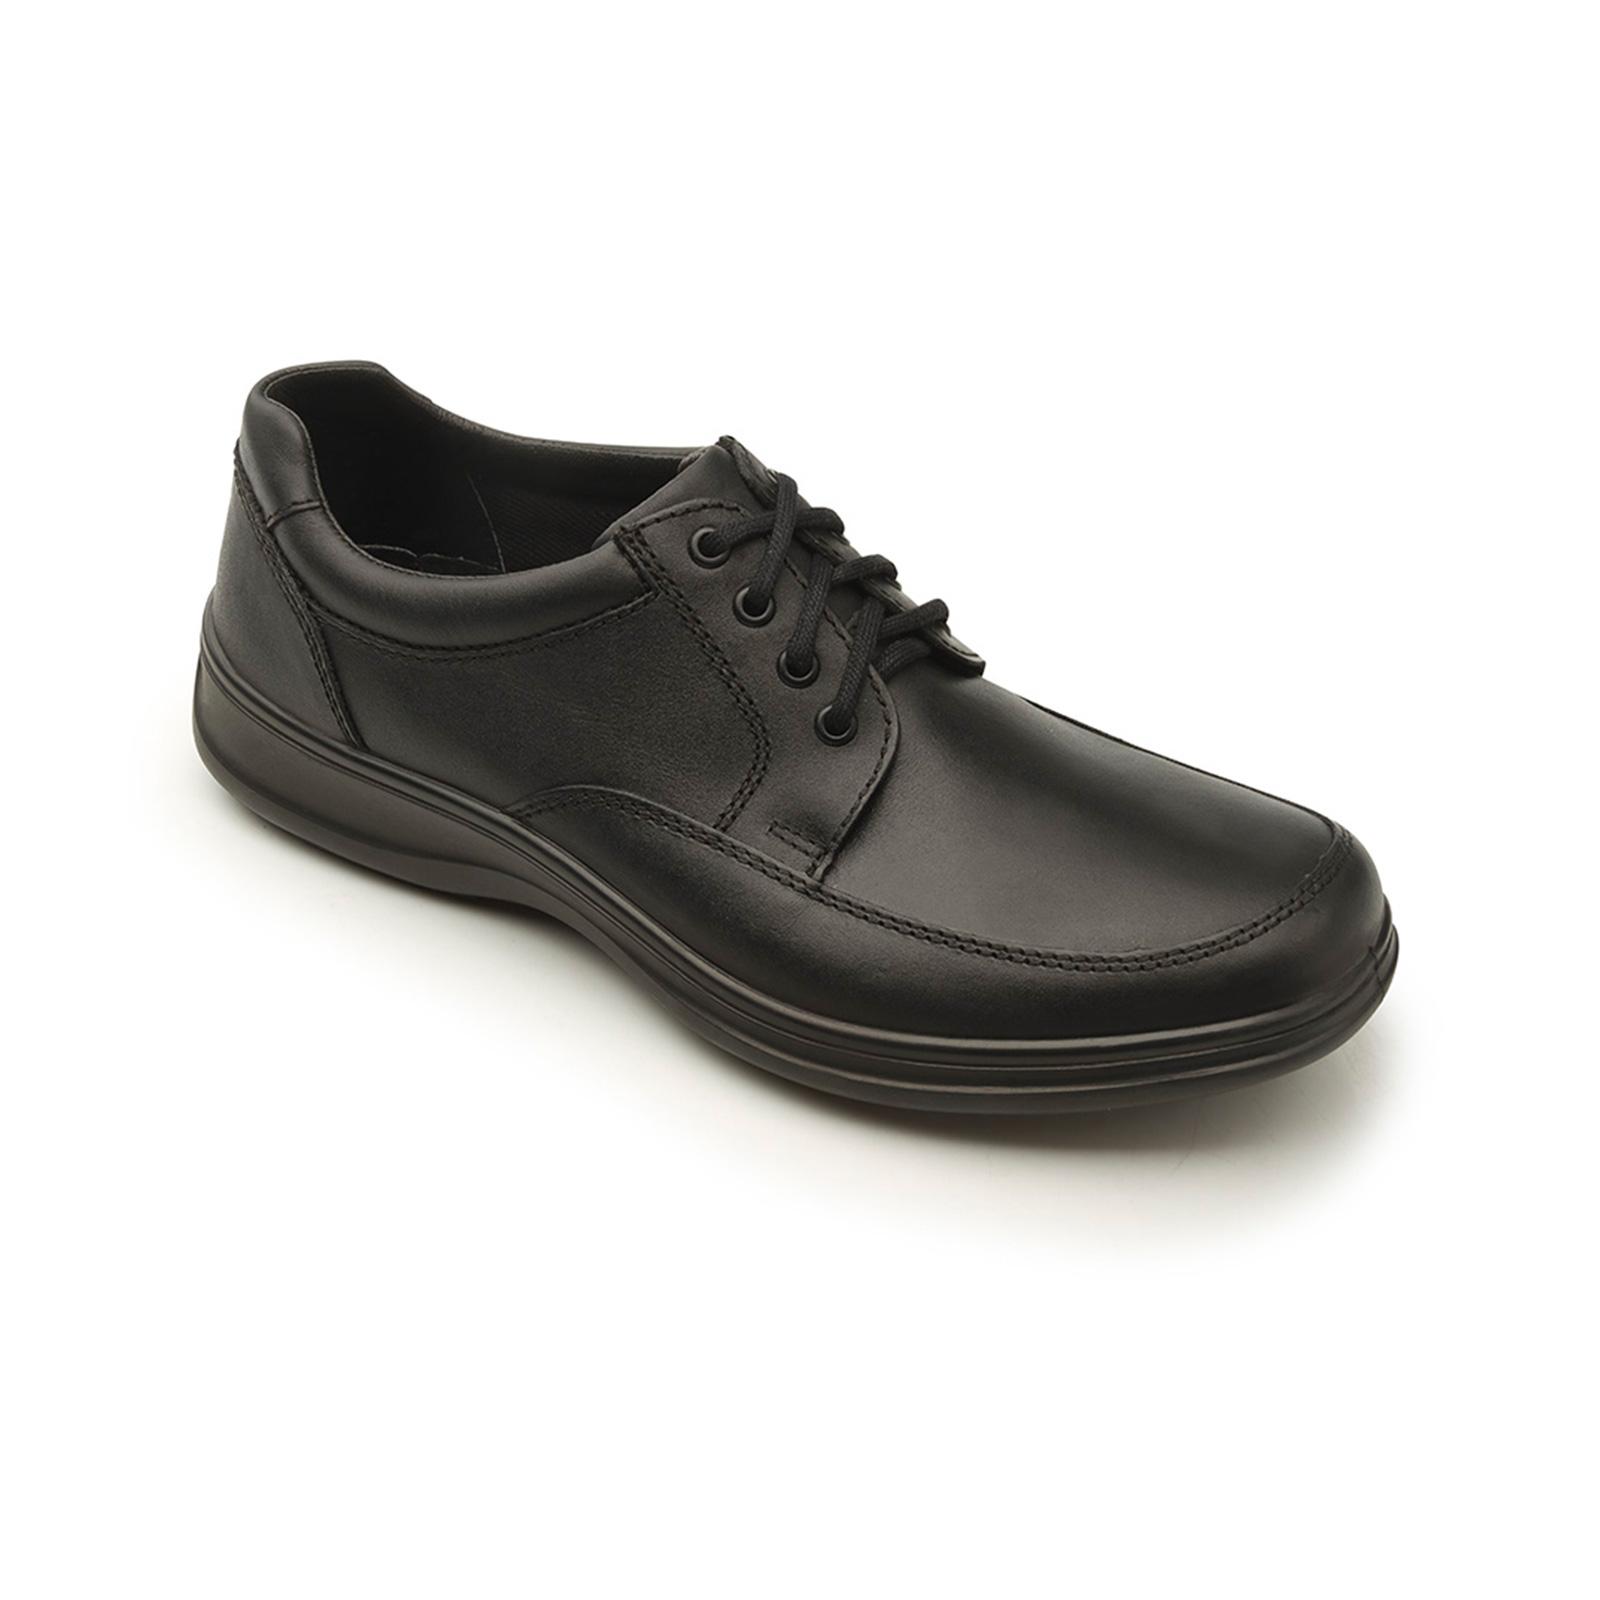 b2c128f6 Zapato servicio agujetas - Flexi Costa Rica